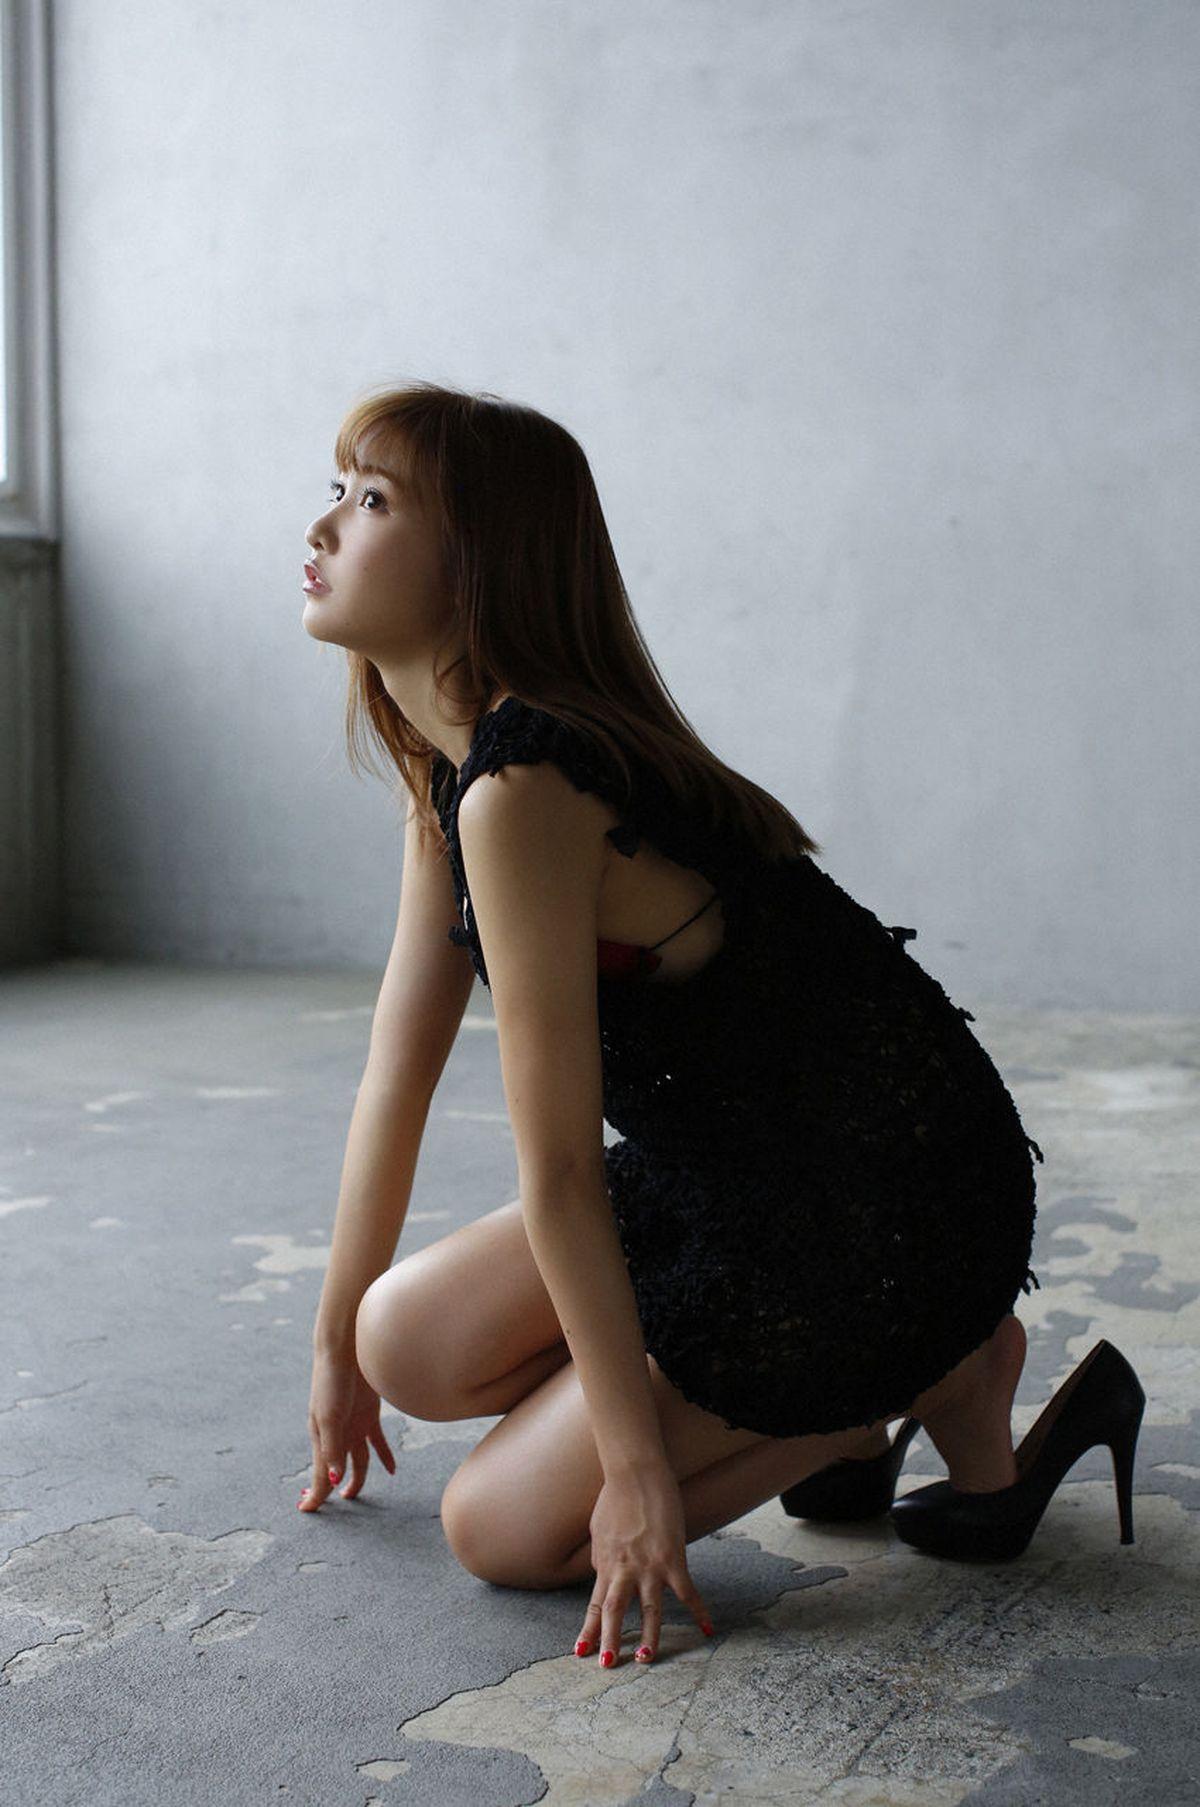 佐野ひなこ「Cross」 [WPB-net] Extra323 寫真集(8) -美女寫真美女圖片 ...